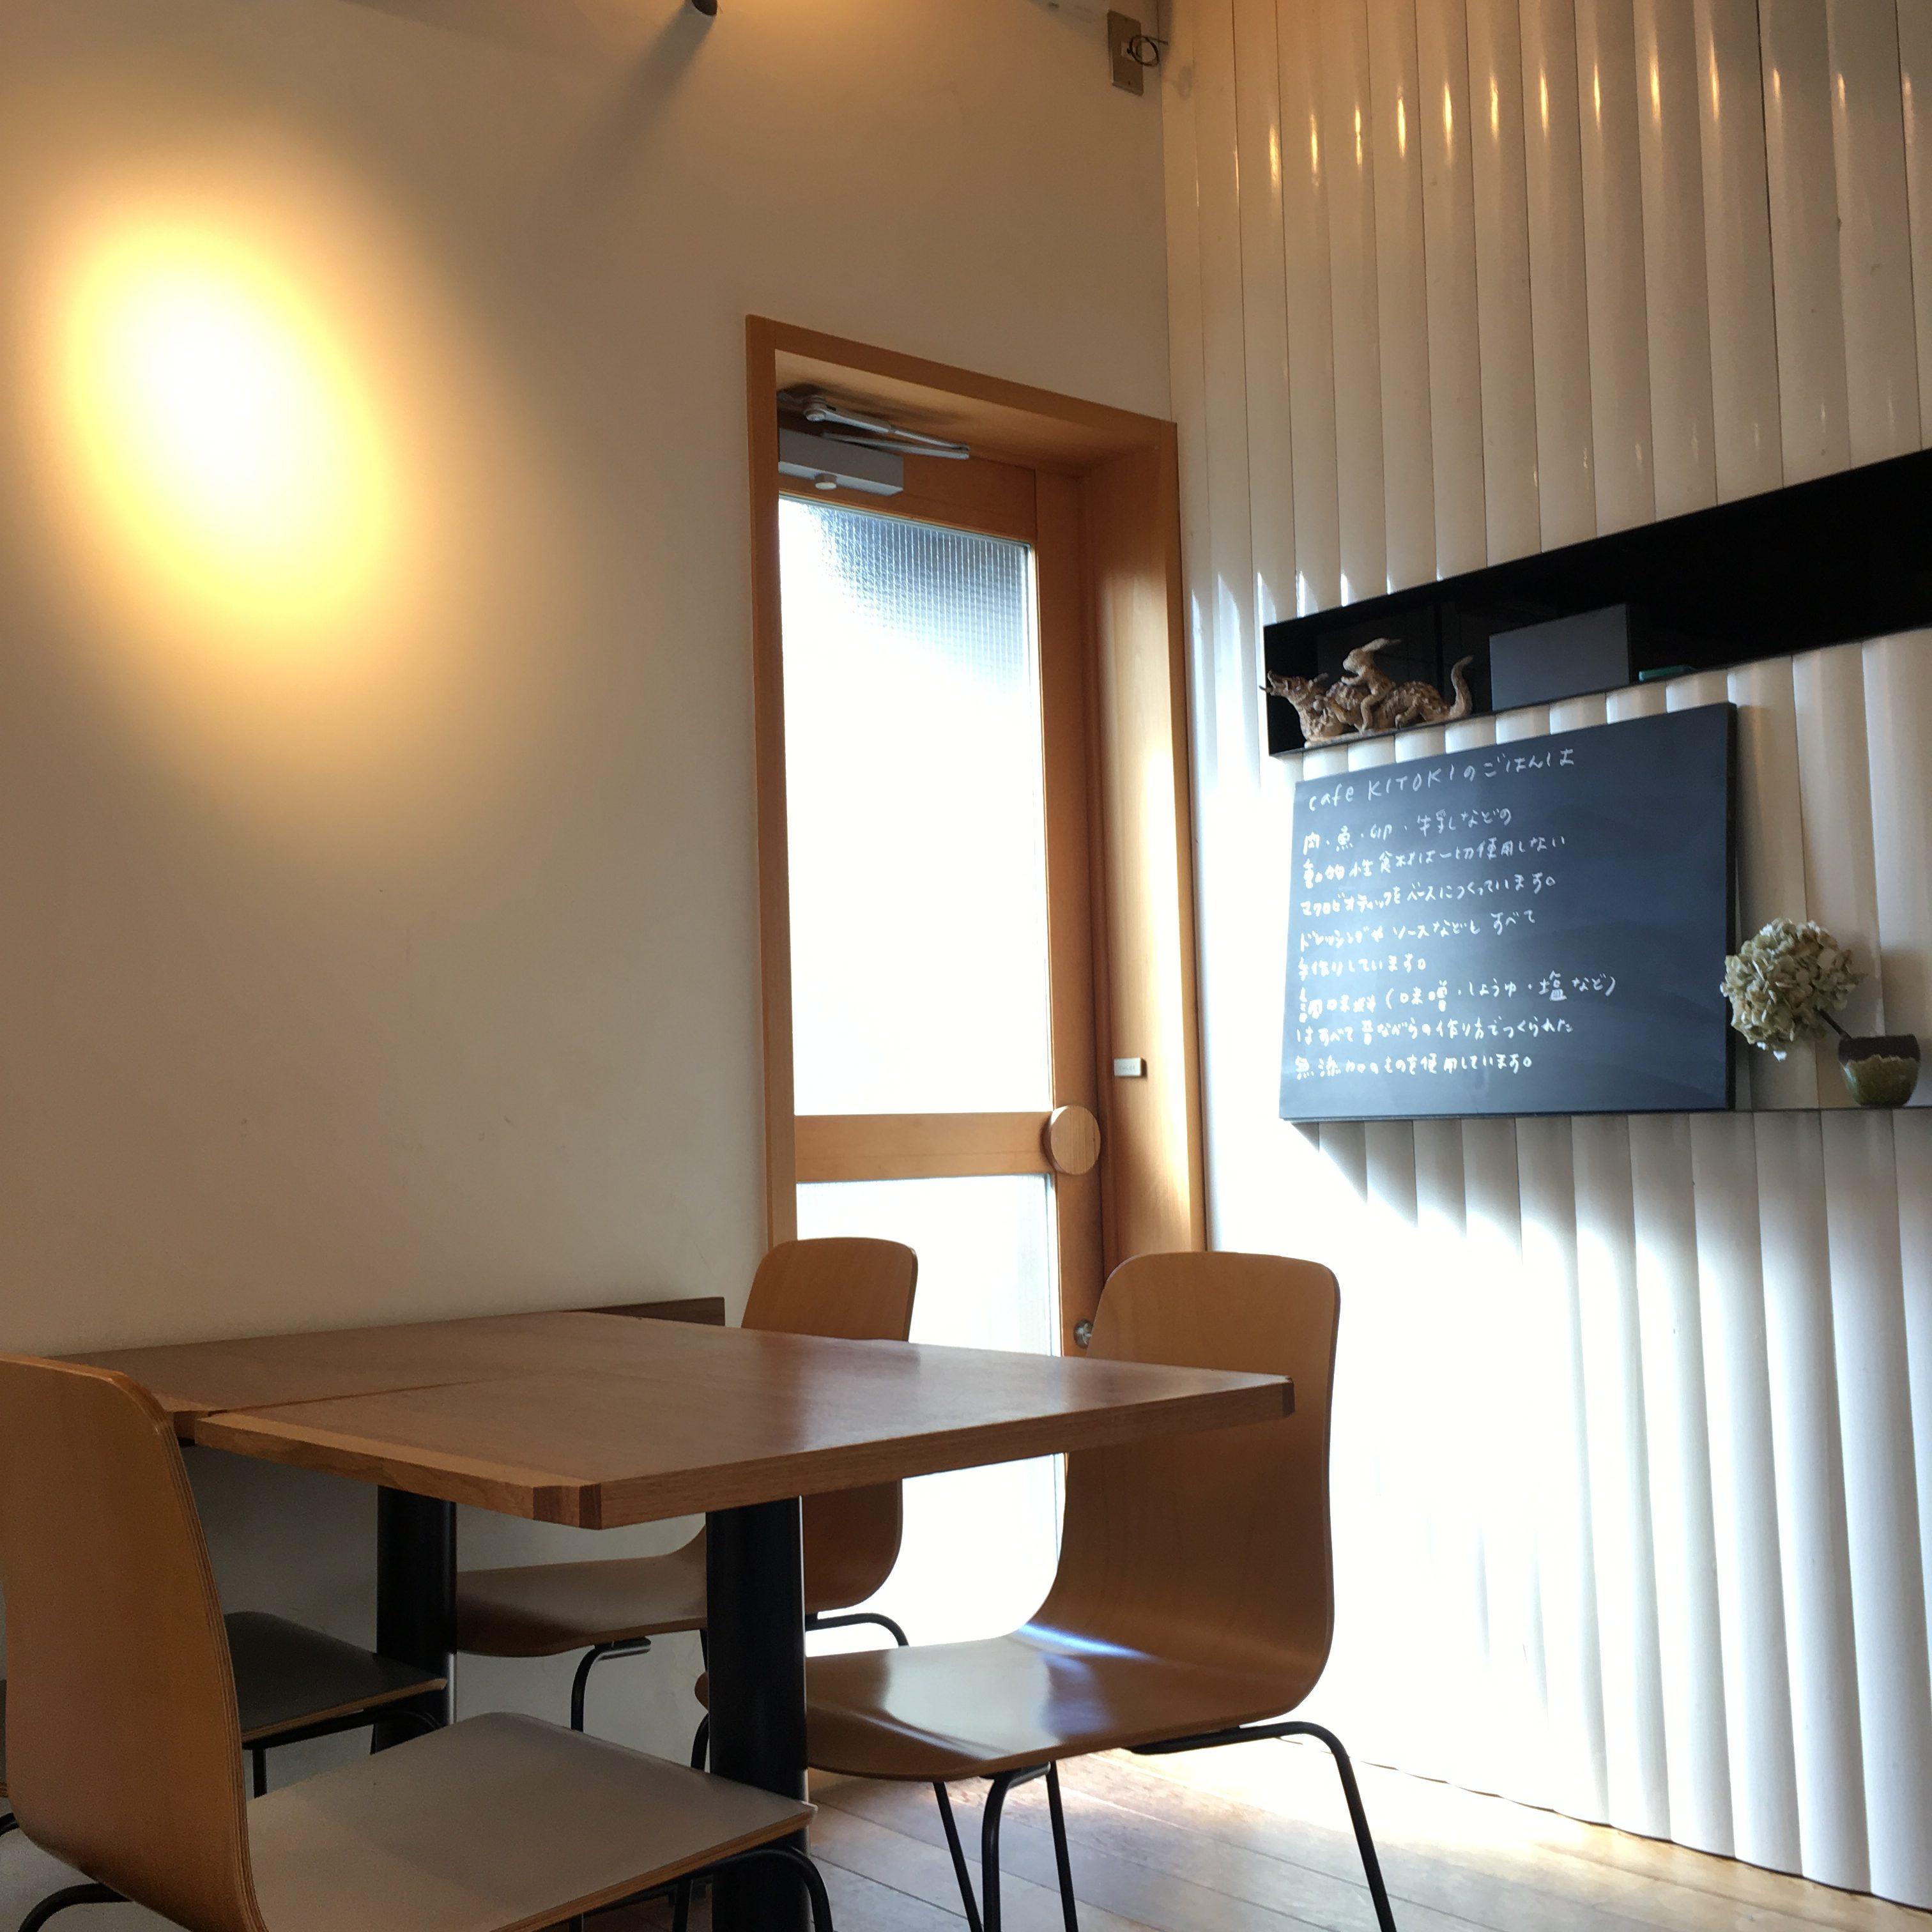 cafeKITOKI店内